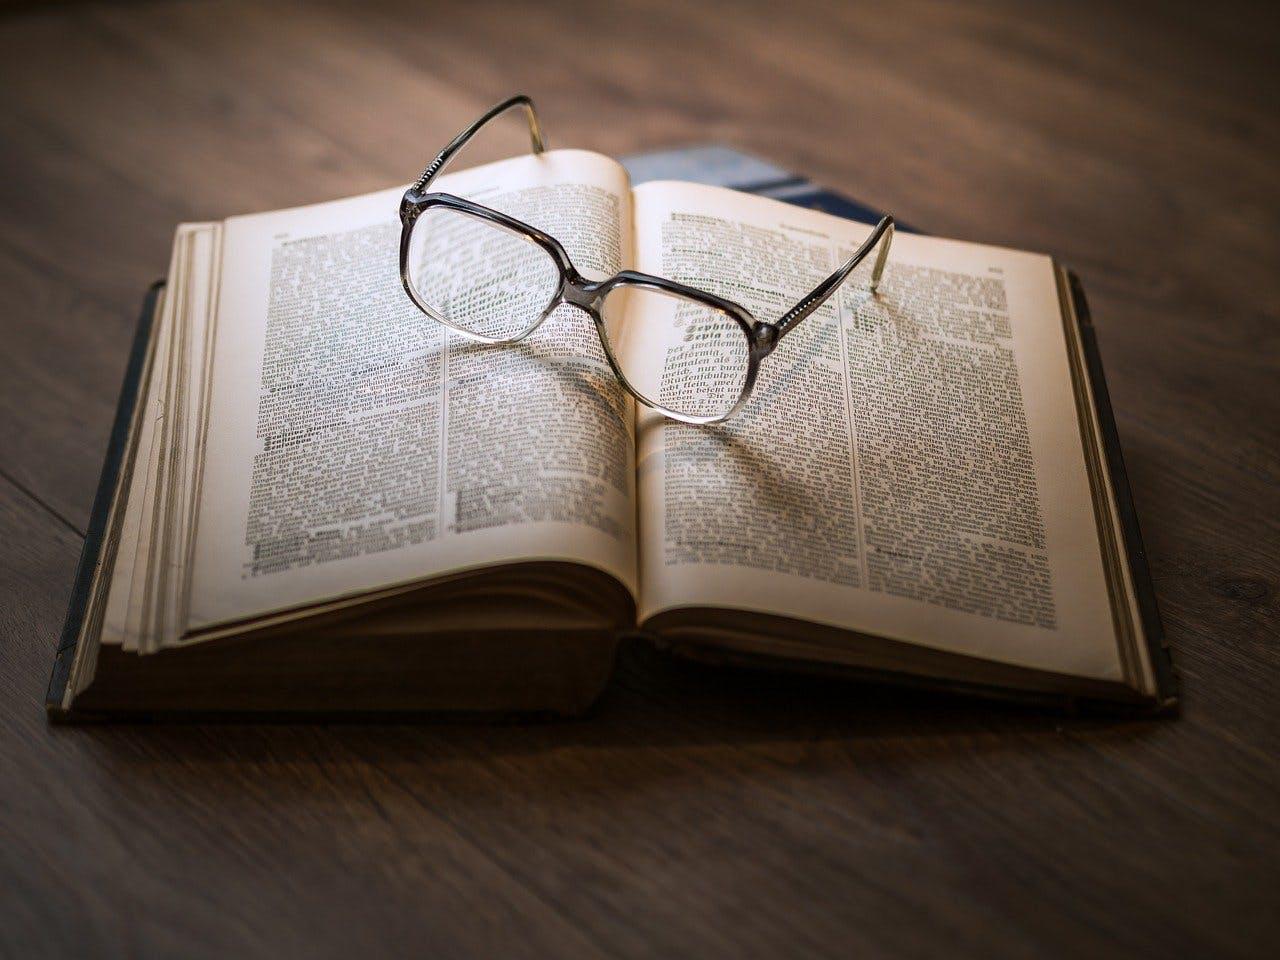 Brille liegt auf aufgeschlagenem Buch